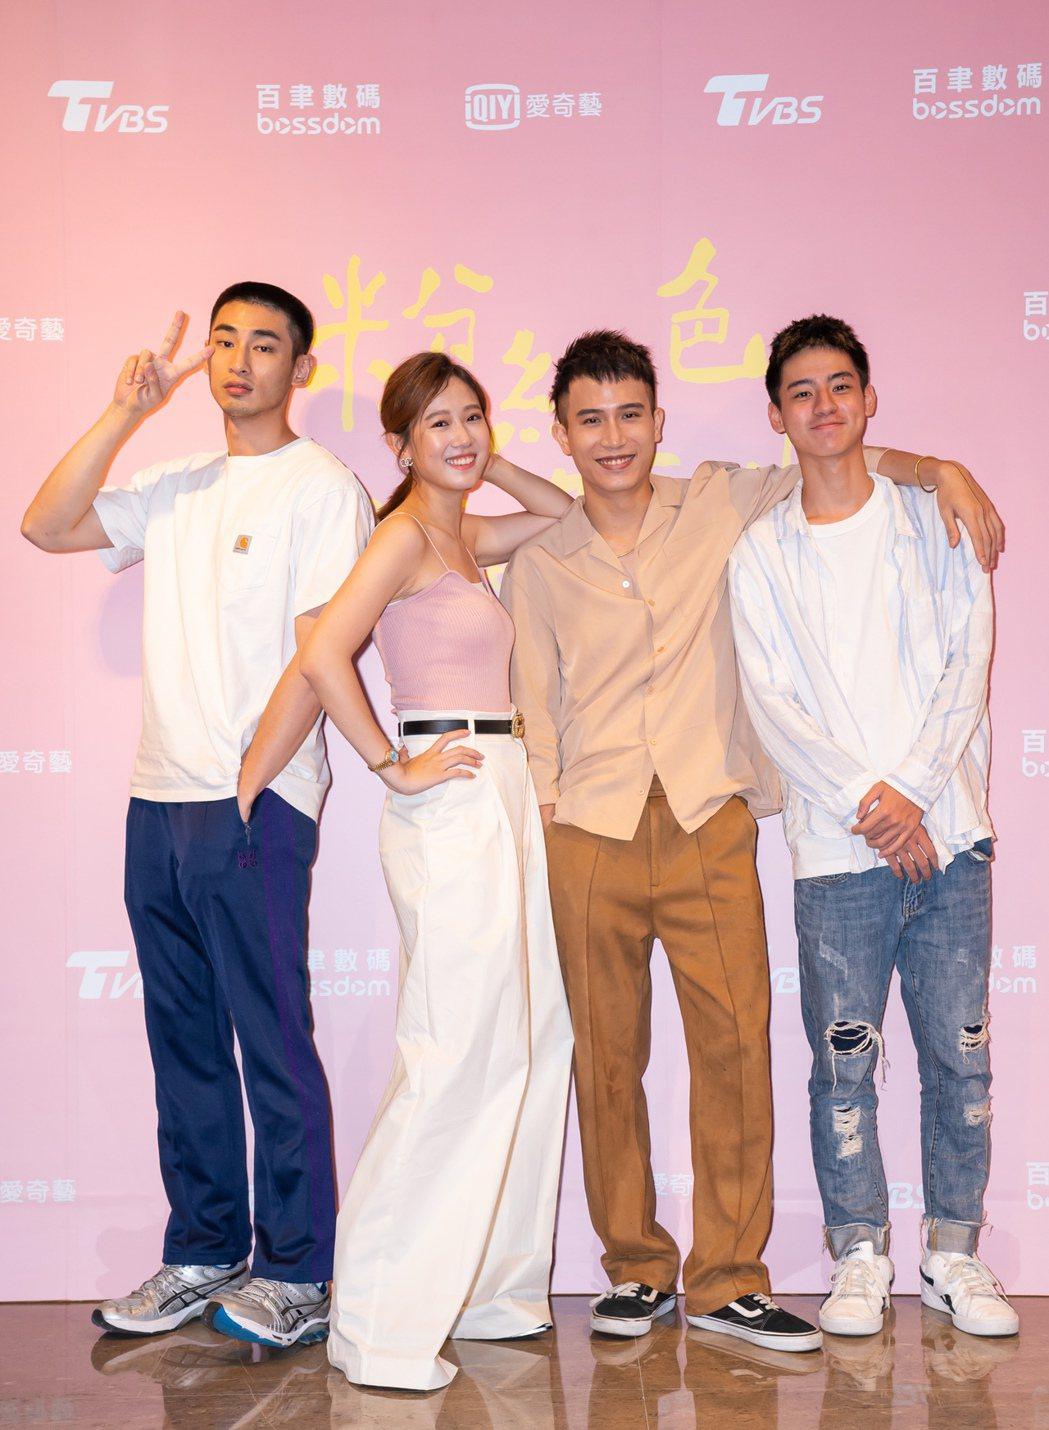 章廣辰(左起)、方志友、陳彥允、劉敬出席「粉紅色時光」殺青宴。圖/TVBS提供